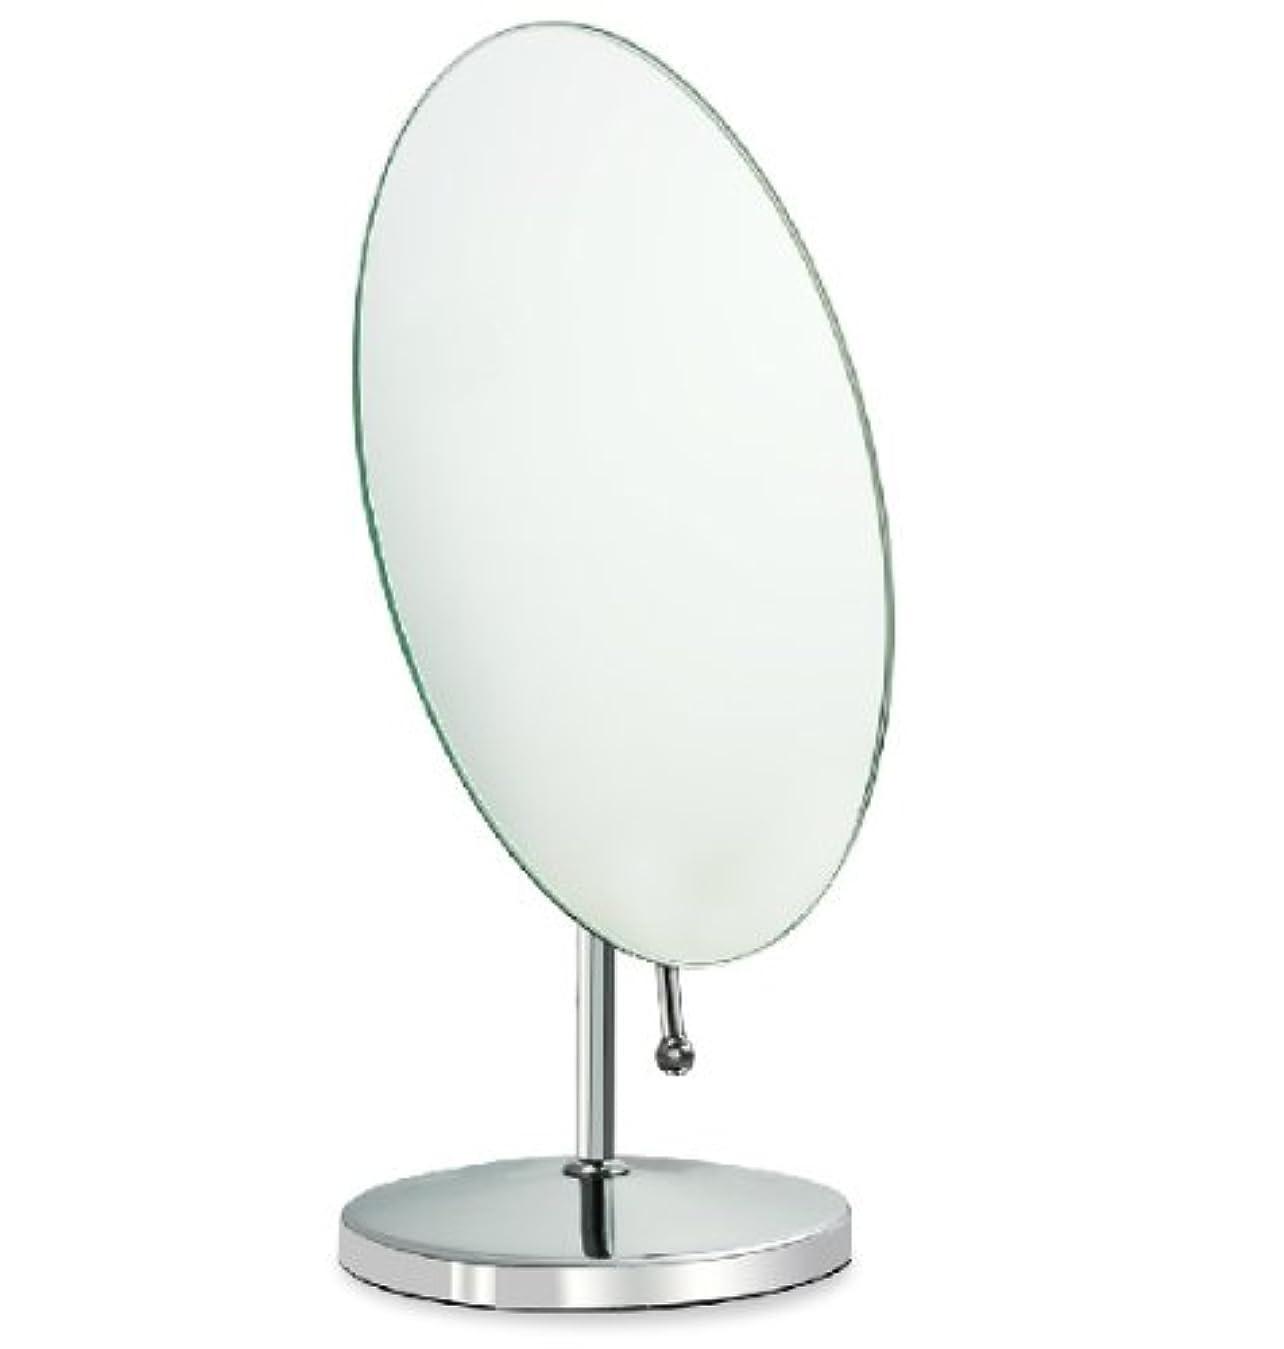 ラフ睡眠科学多様な鏡 卓上鏡 化粧鏡 スタンドミラー 全方向可動式 取っ手付き鏡 大きめな楕円形